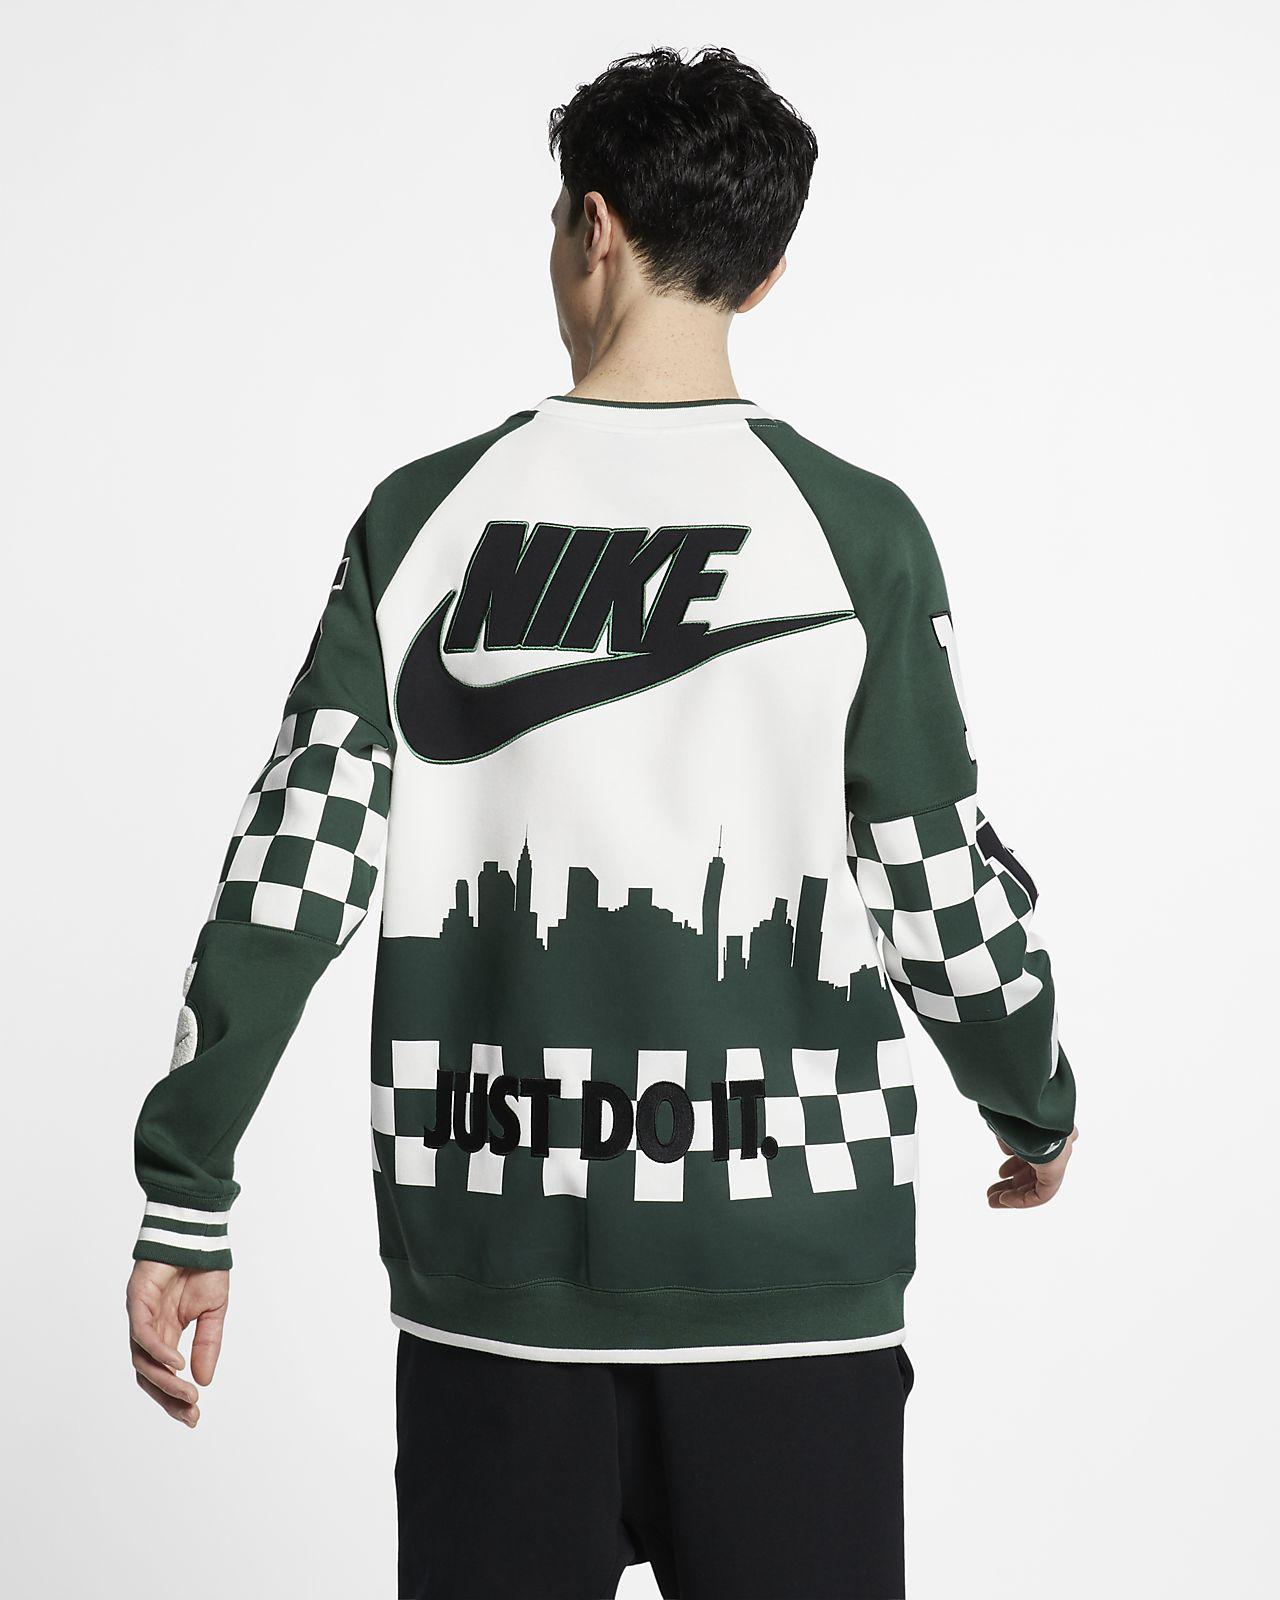 dd0549571e6b83 Low Resolution Nike Sportswear Men s Crew Nike Sportswear Men s Crew